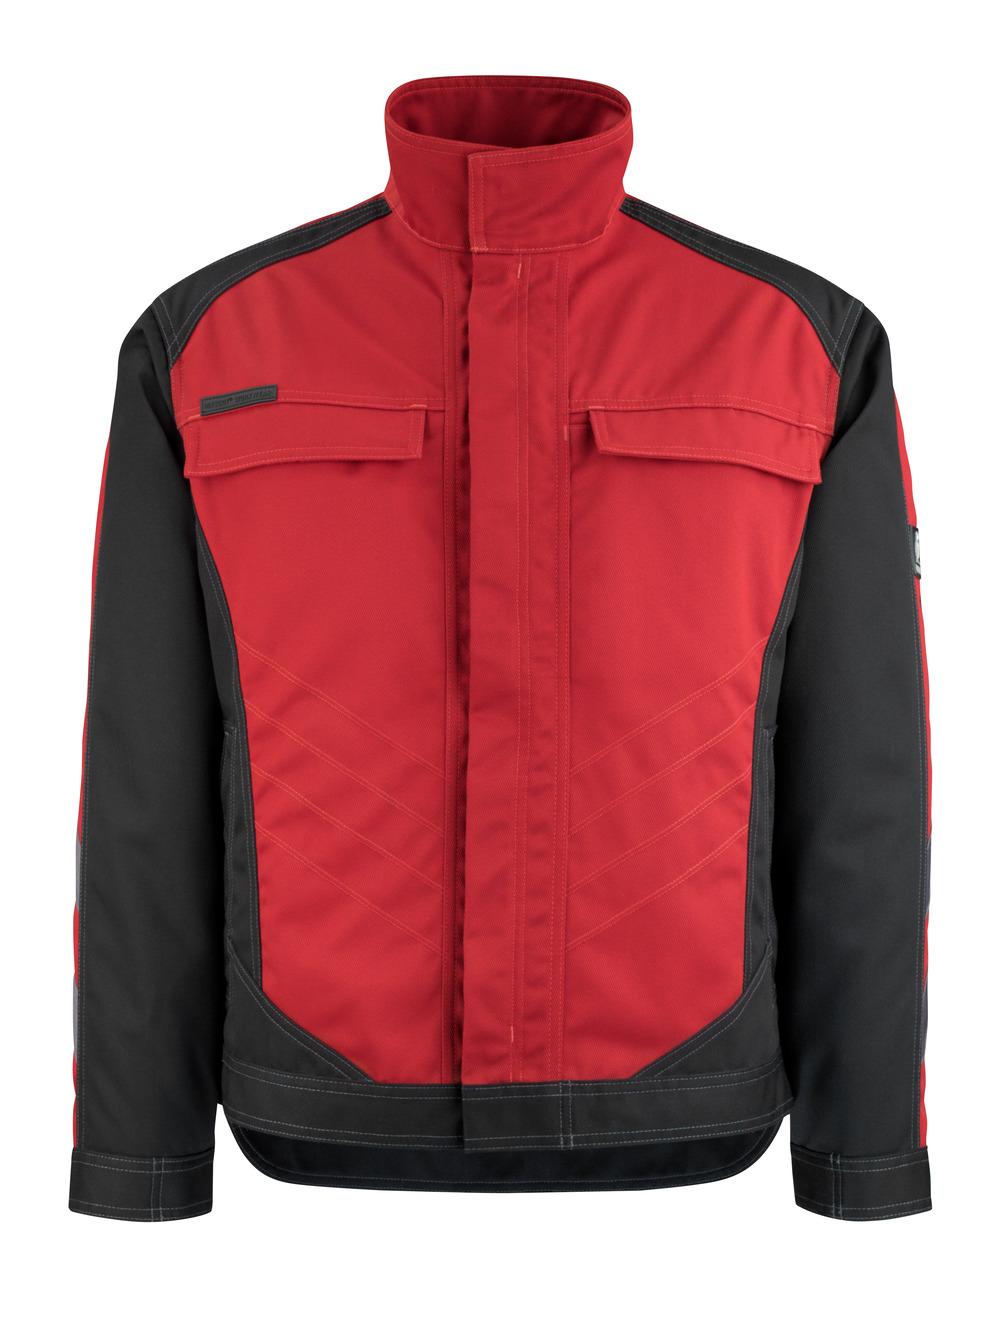 12009-203-0209 Giacca - rosso/nero